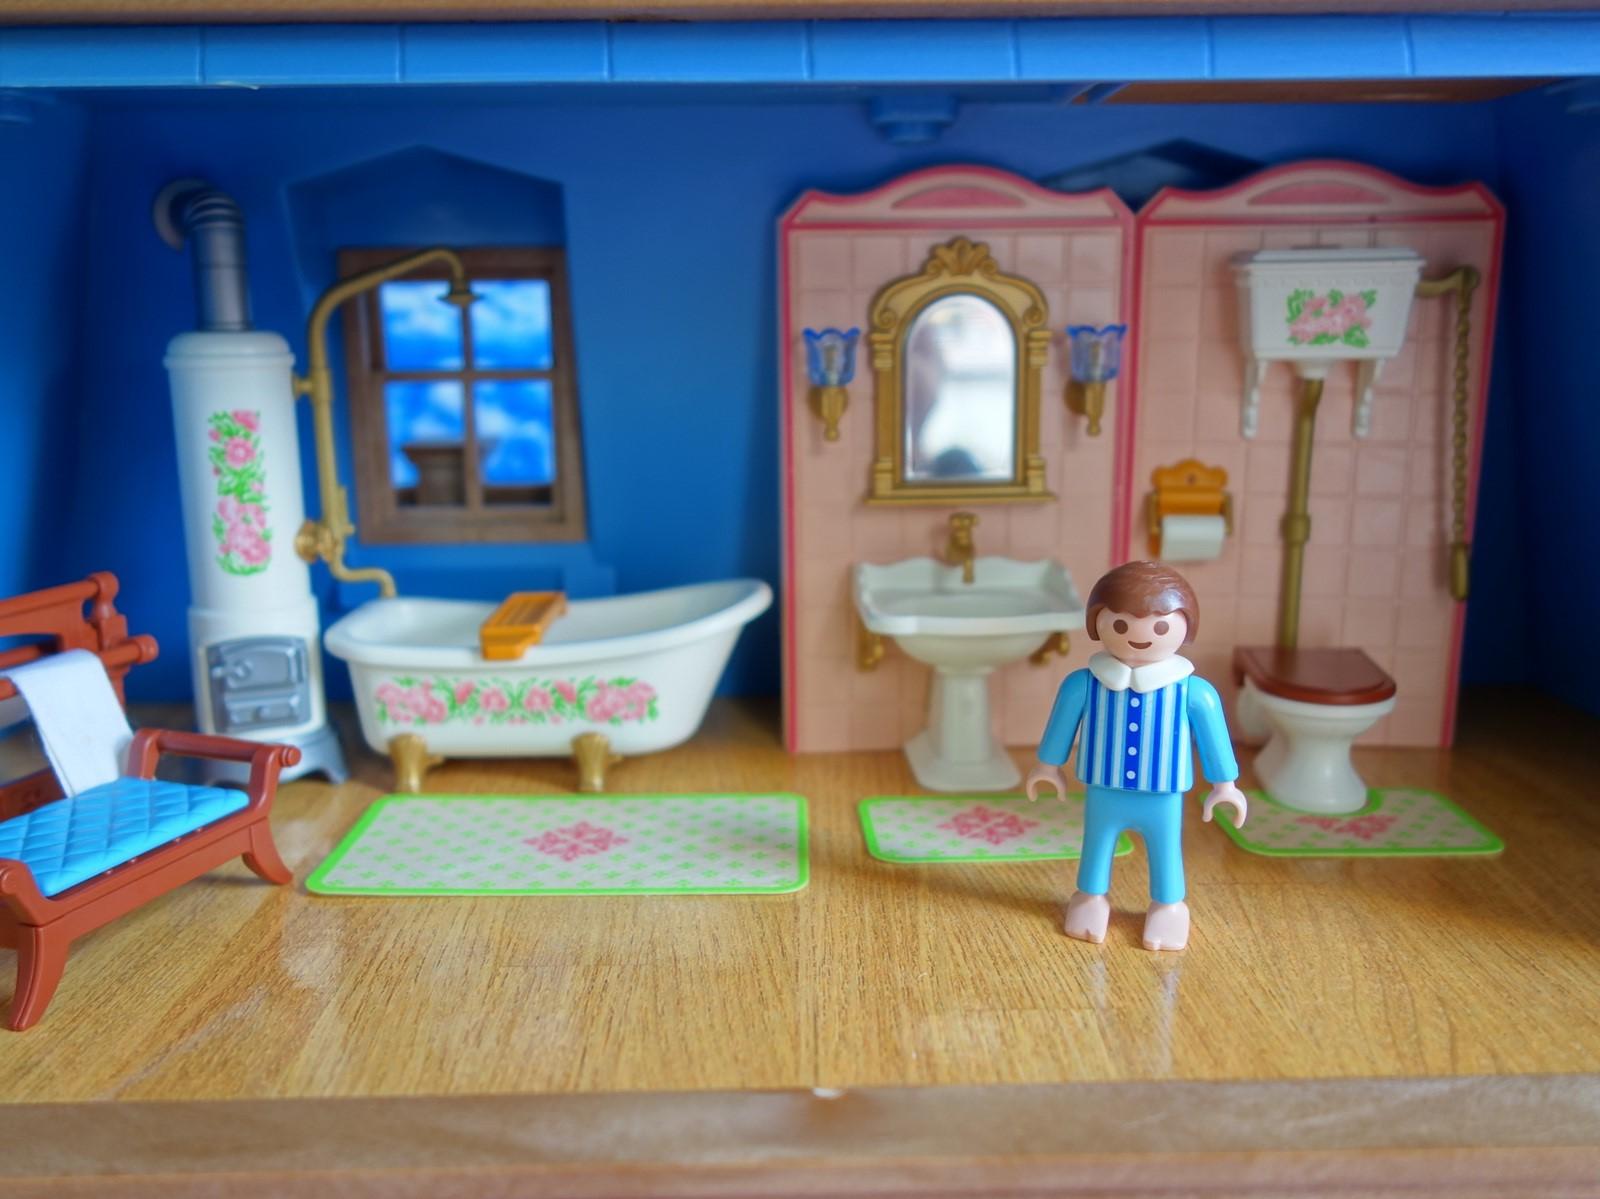 Si votre enfant aime recréer des histoires des époques précédentes, la salle de bain Playmobil à l'ancienne lui convient.